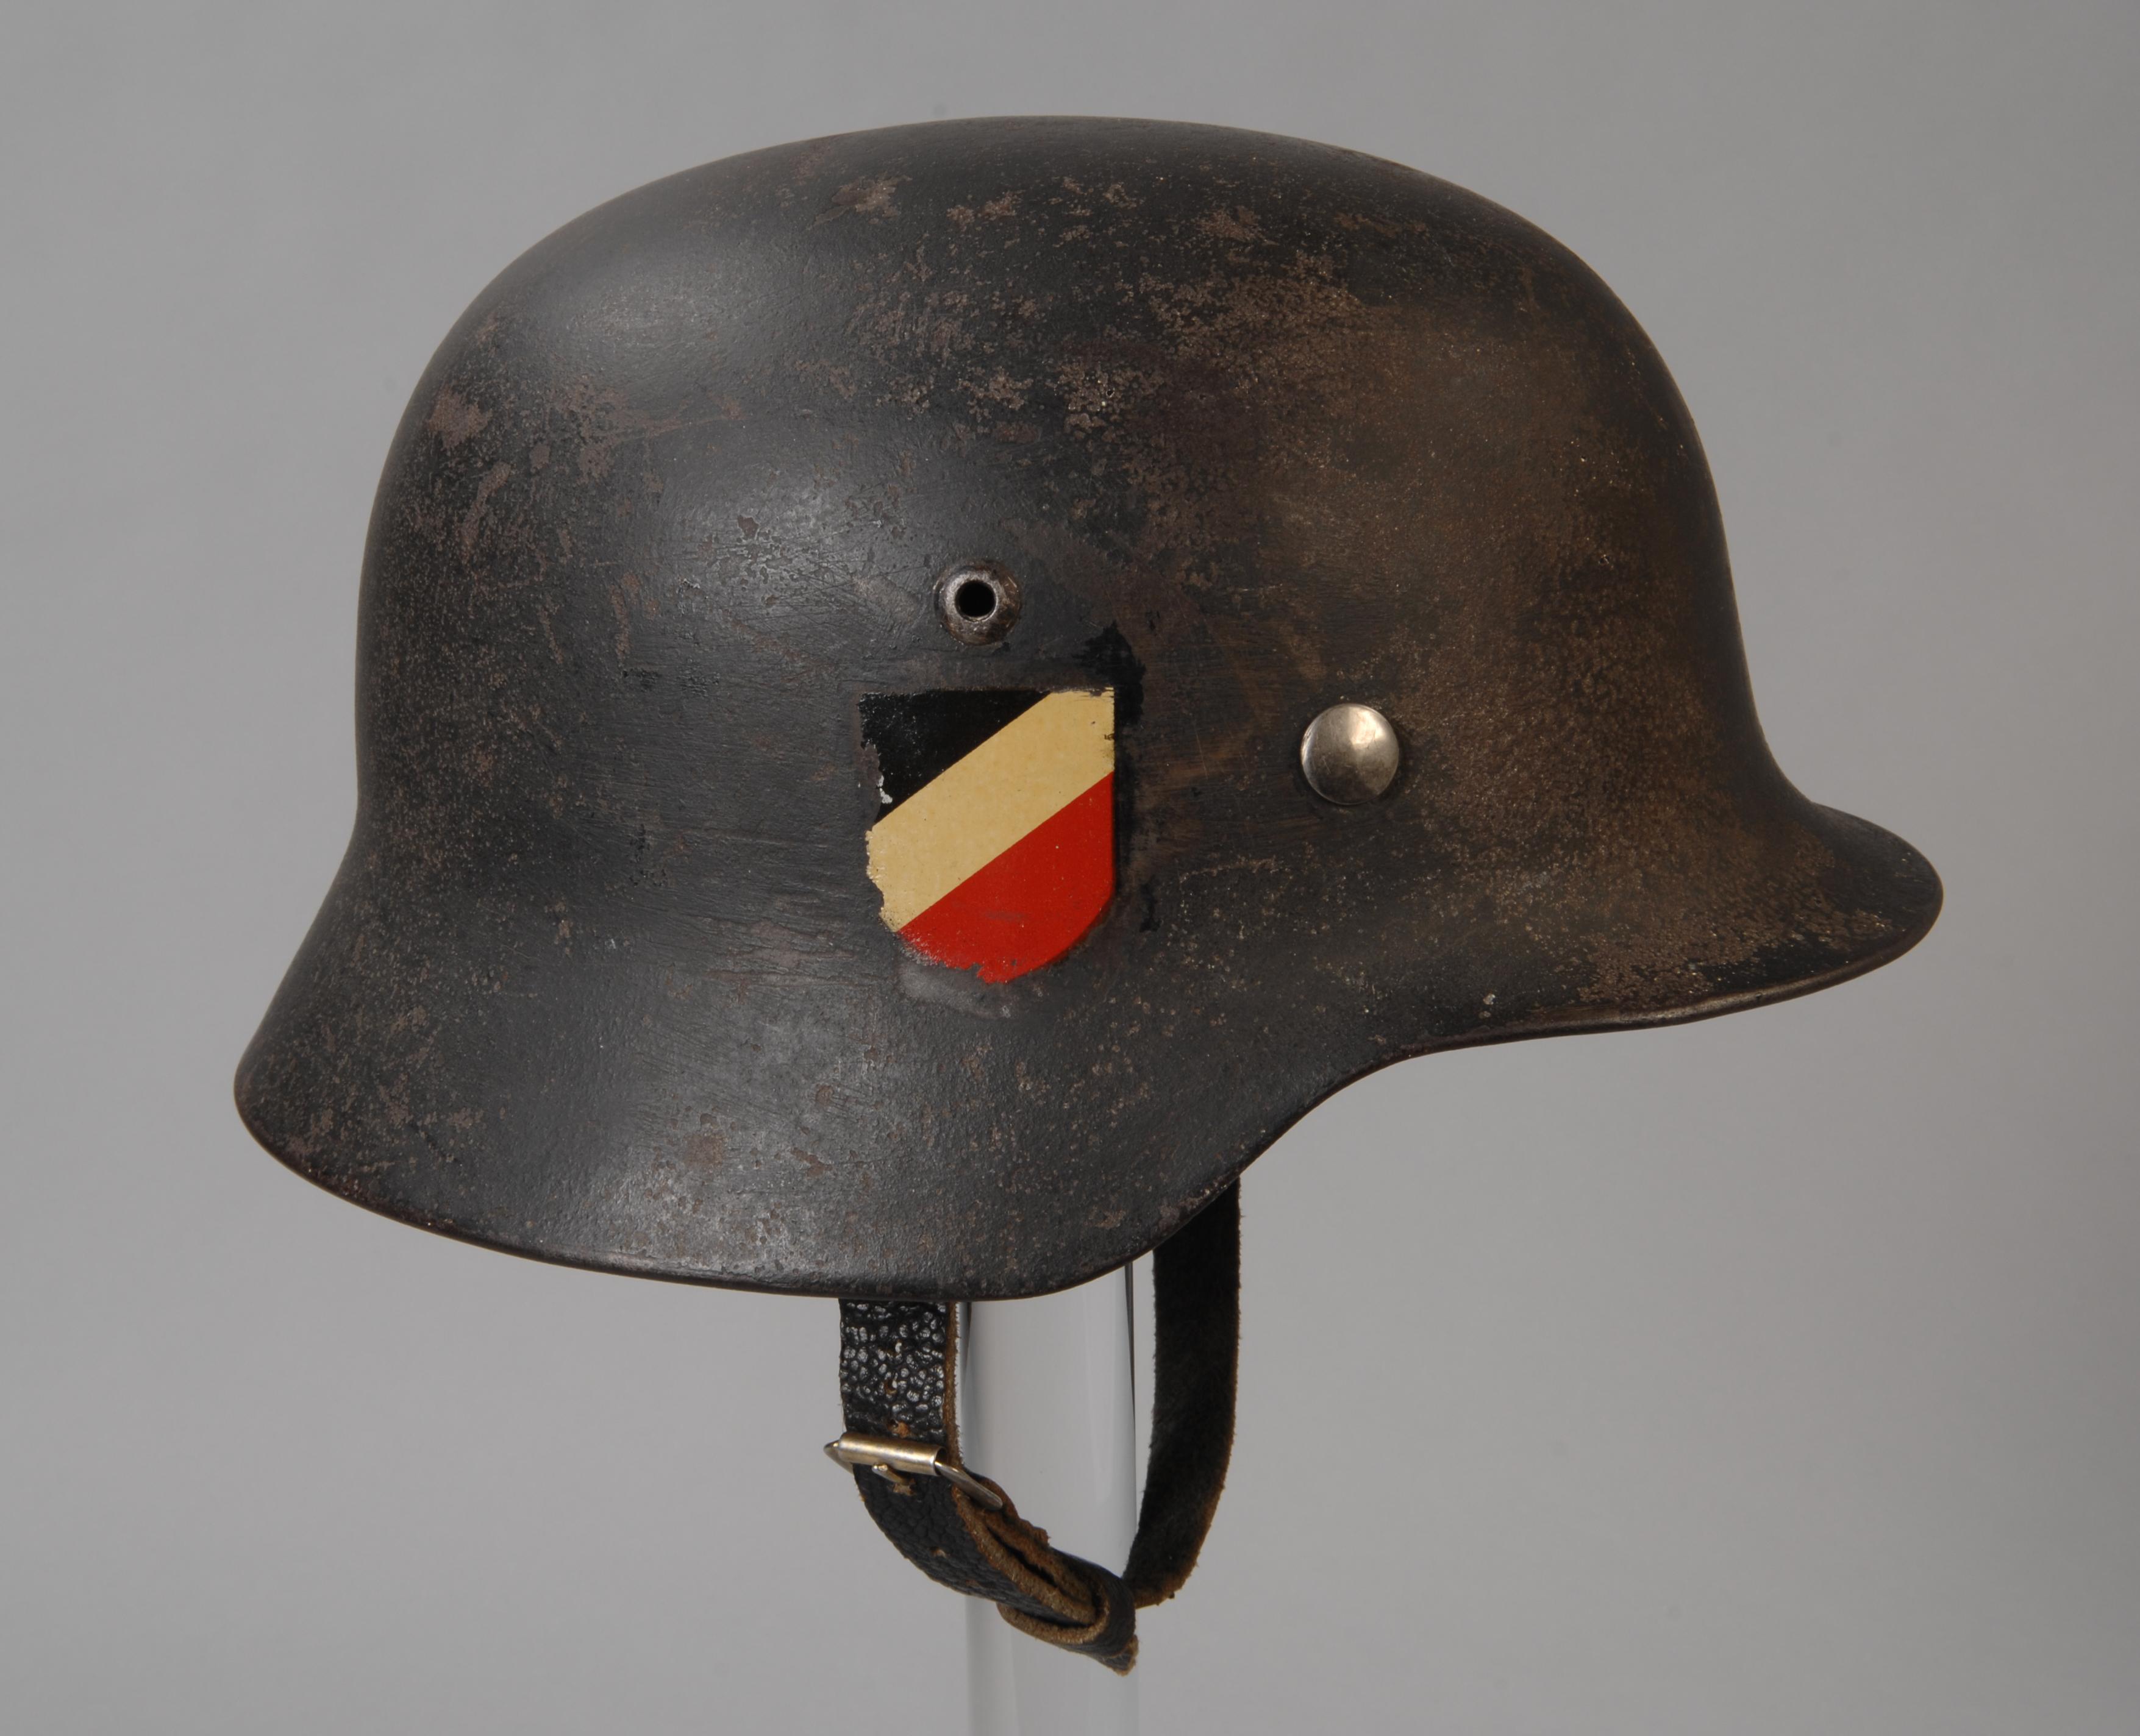 немецкий шлем второй мировой